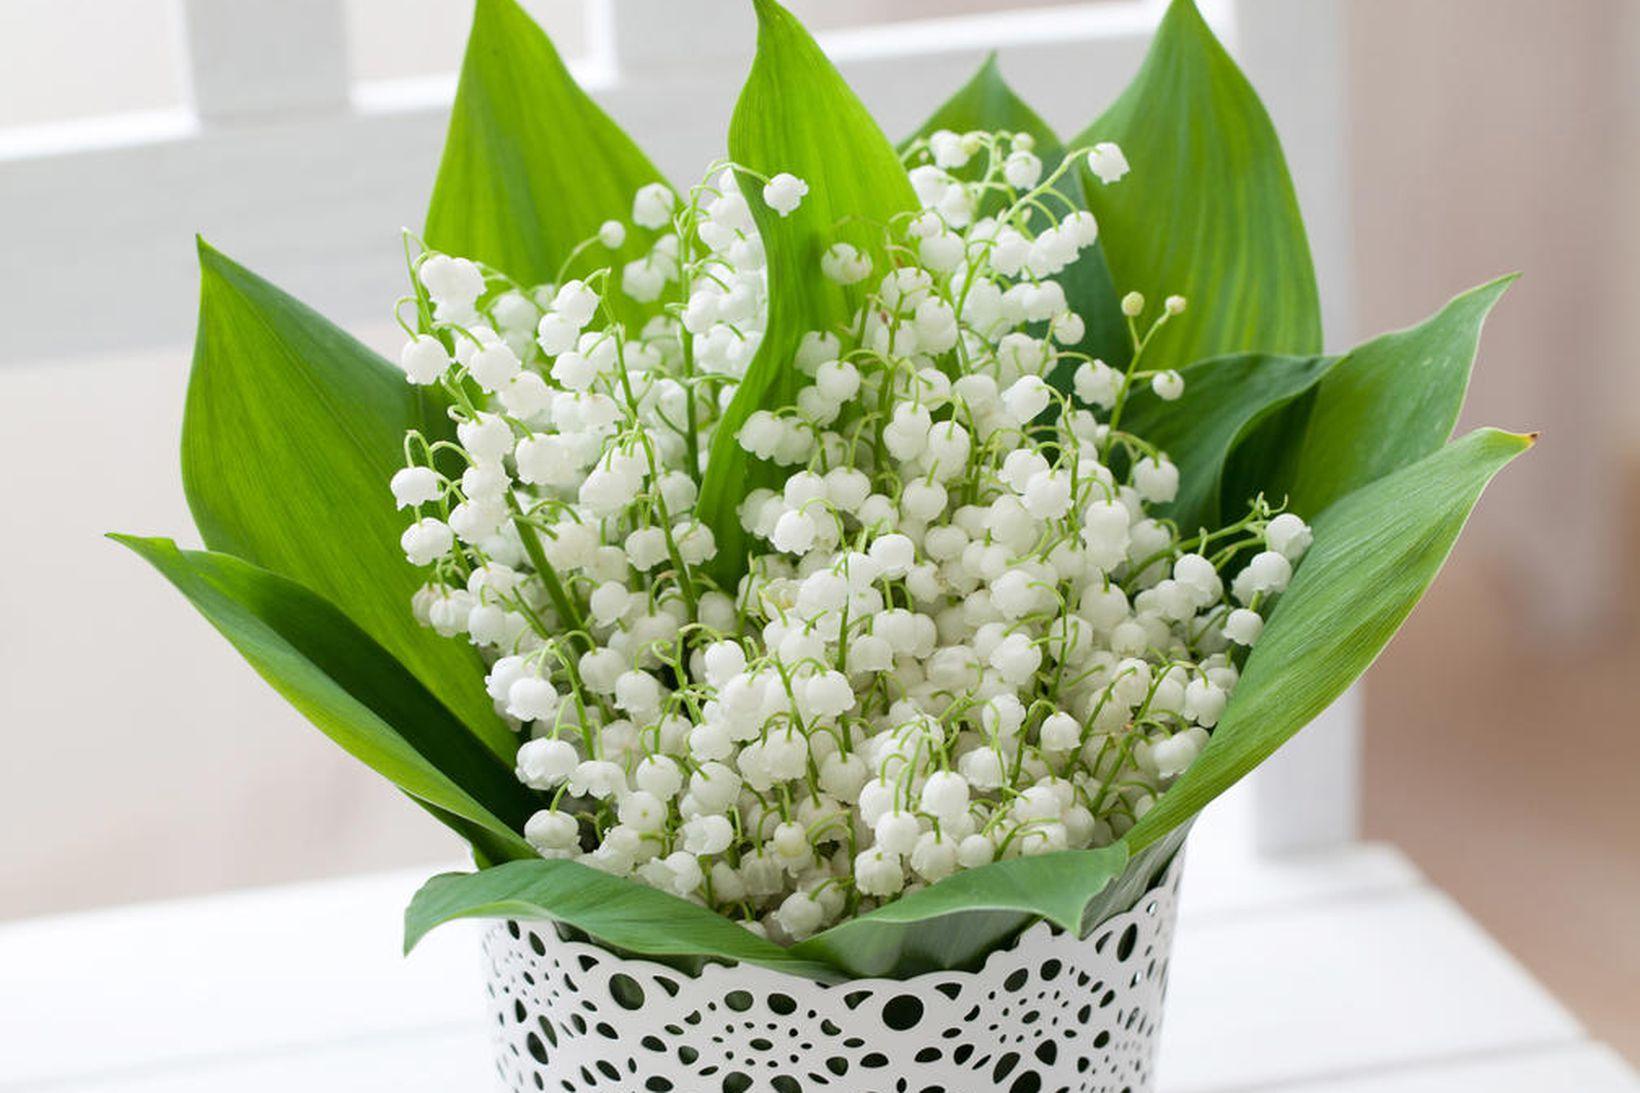 Liljur vallarins eru hugguleg blóm sem eru vinsæl í garðinn.